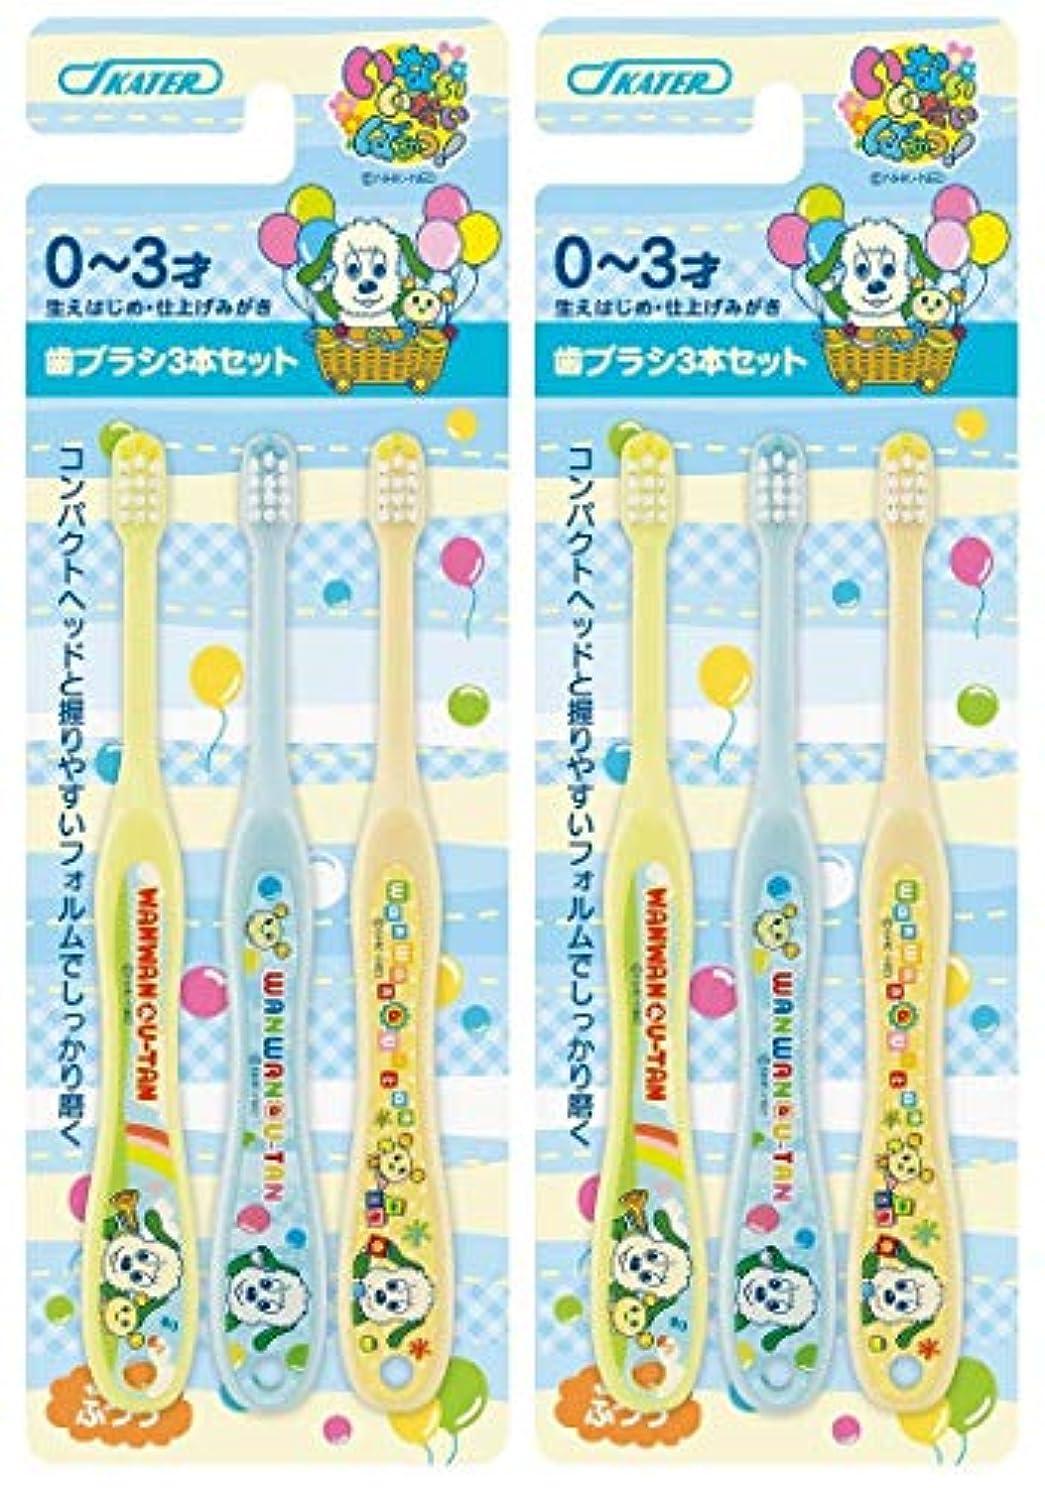 壁紙デッド雪のスケーター 歯ブラシ 乳児用 0-3才 普通 6本セット (3本セット×2個) いないいないばあ TB4T